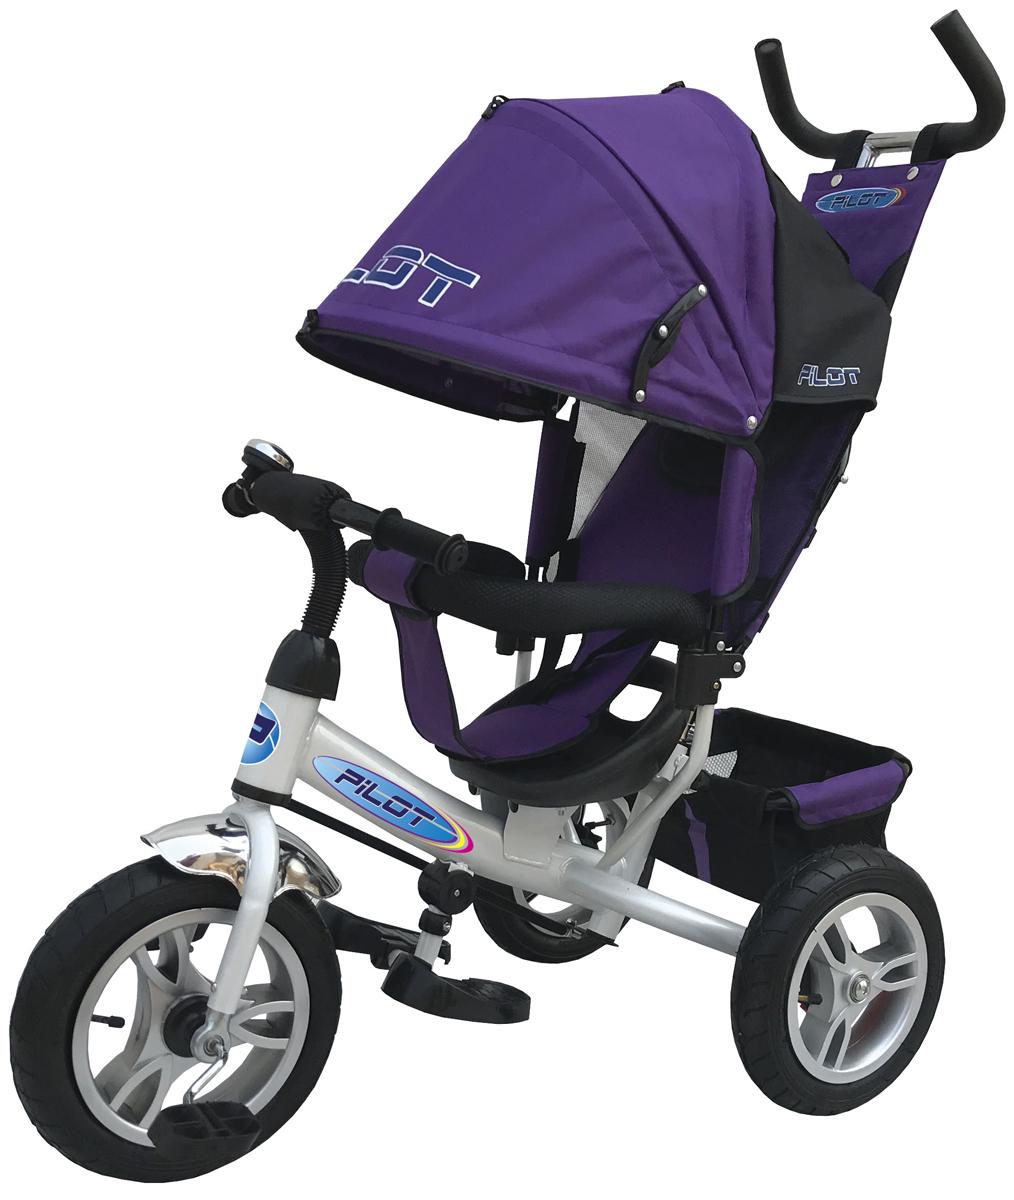 Pilot Велосипед трехколесный цвет фиолетовый PTA3V